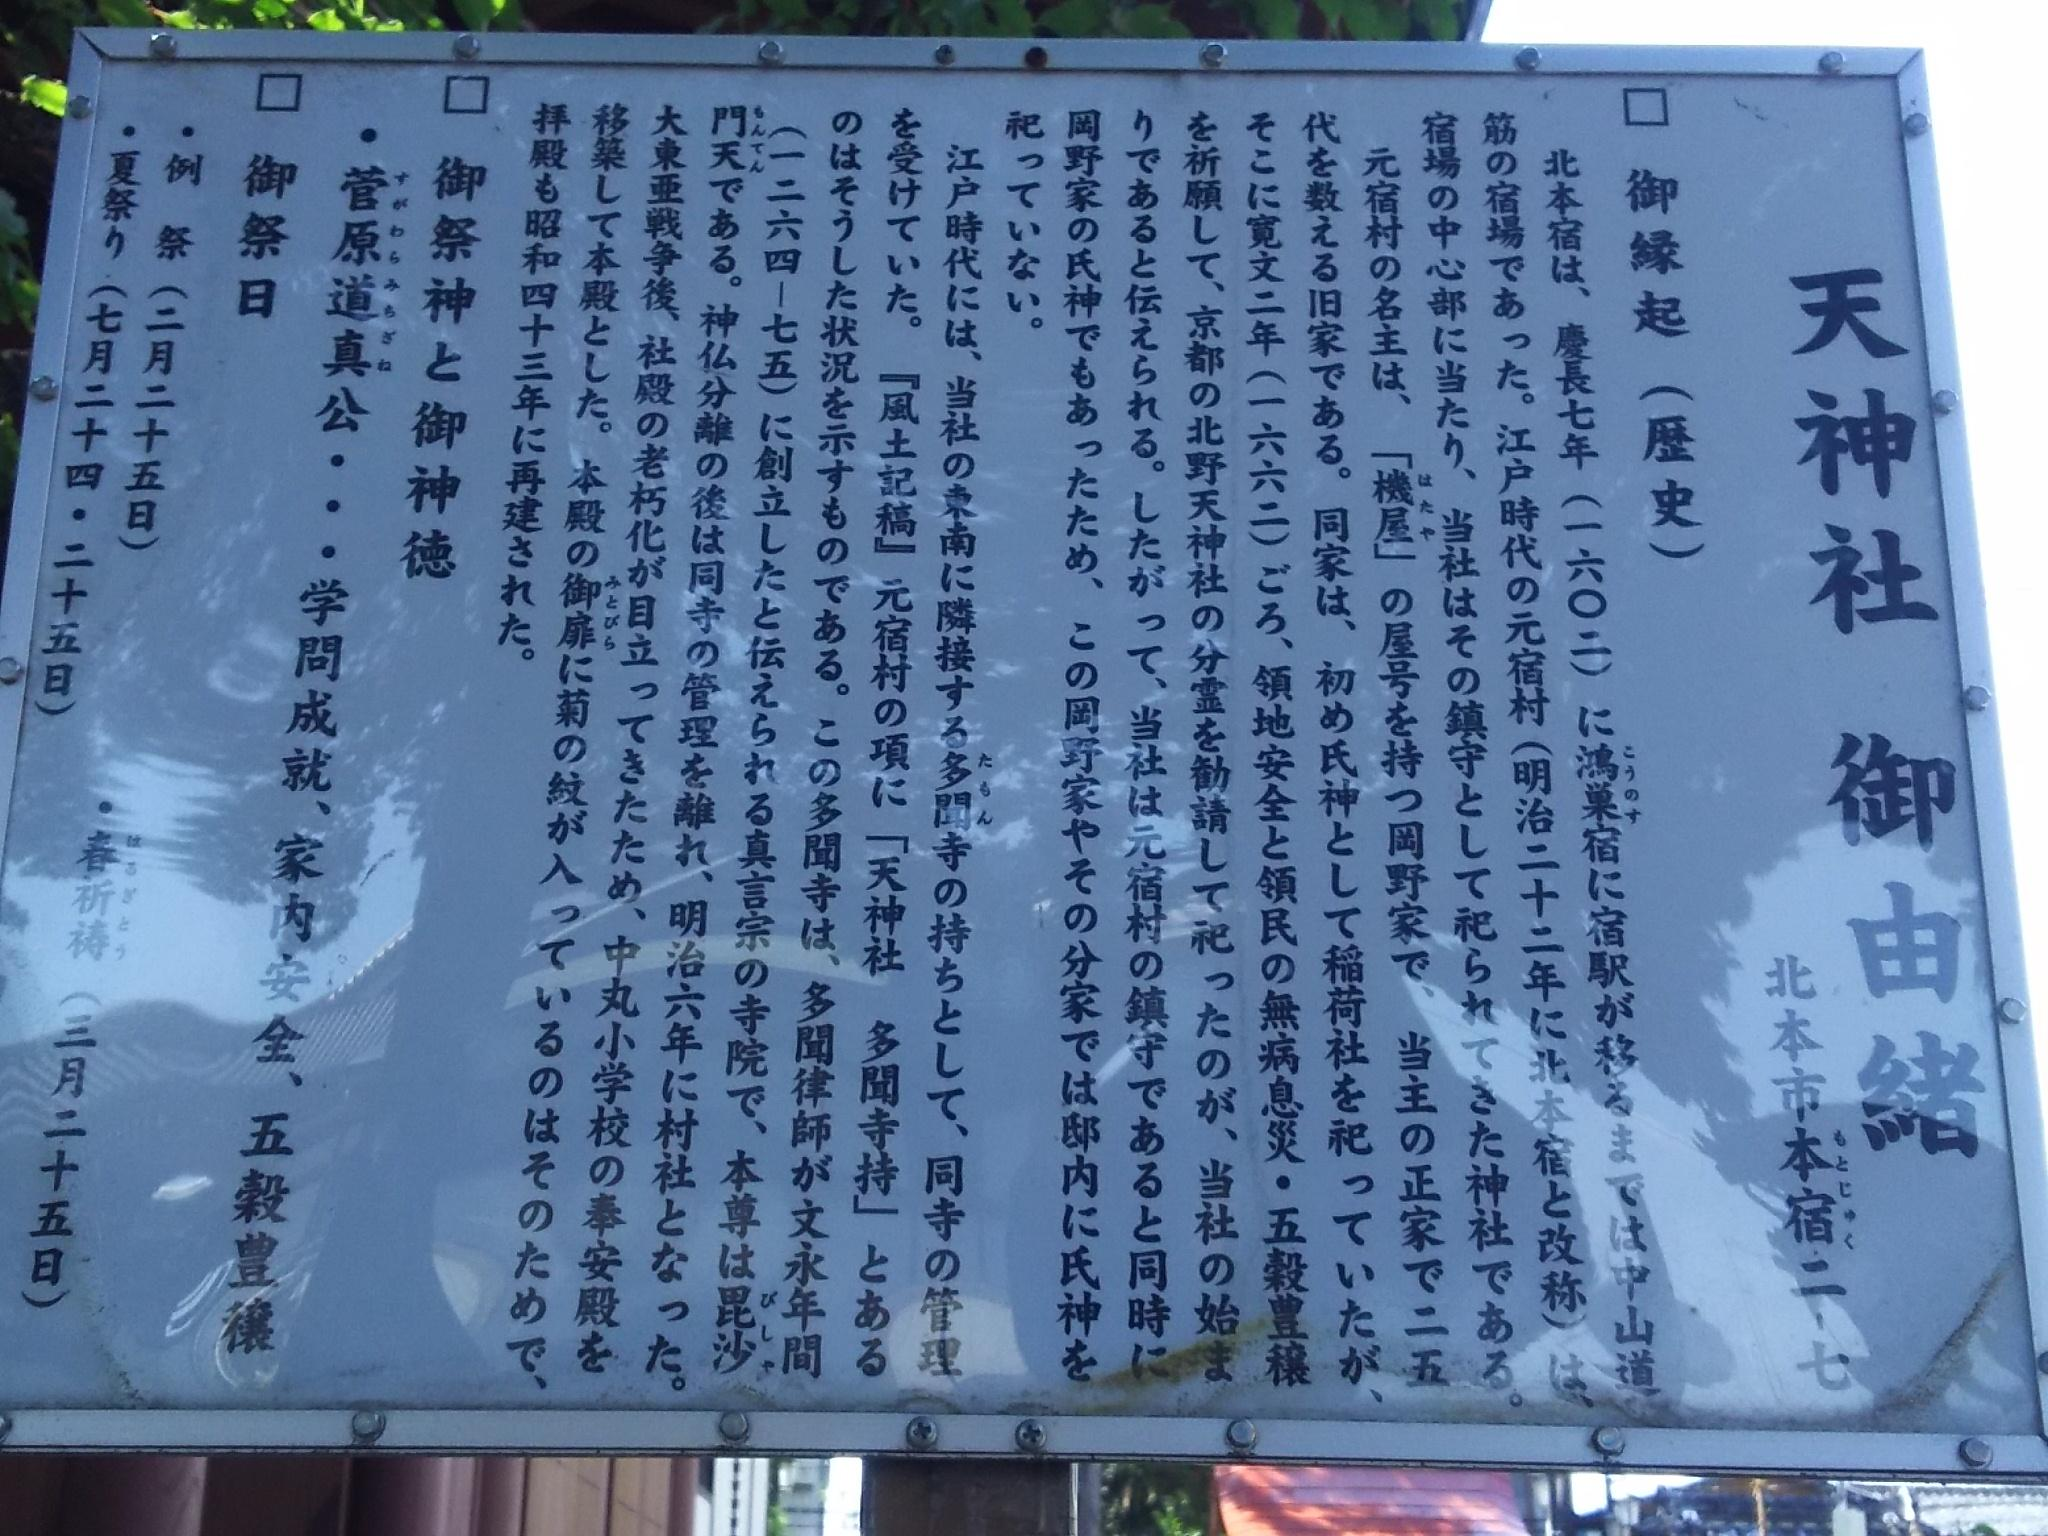 天神社の歴史